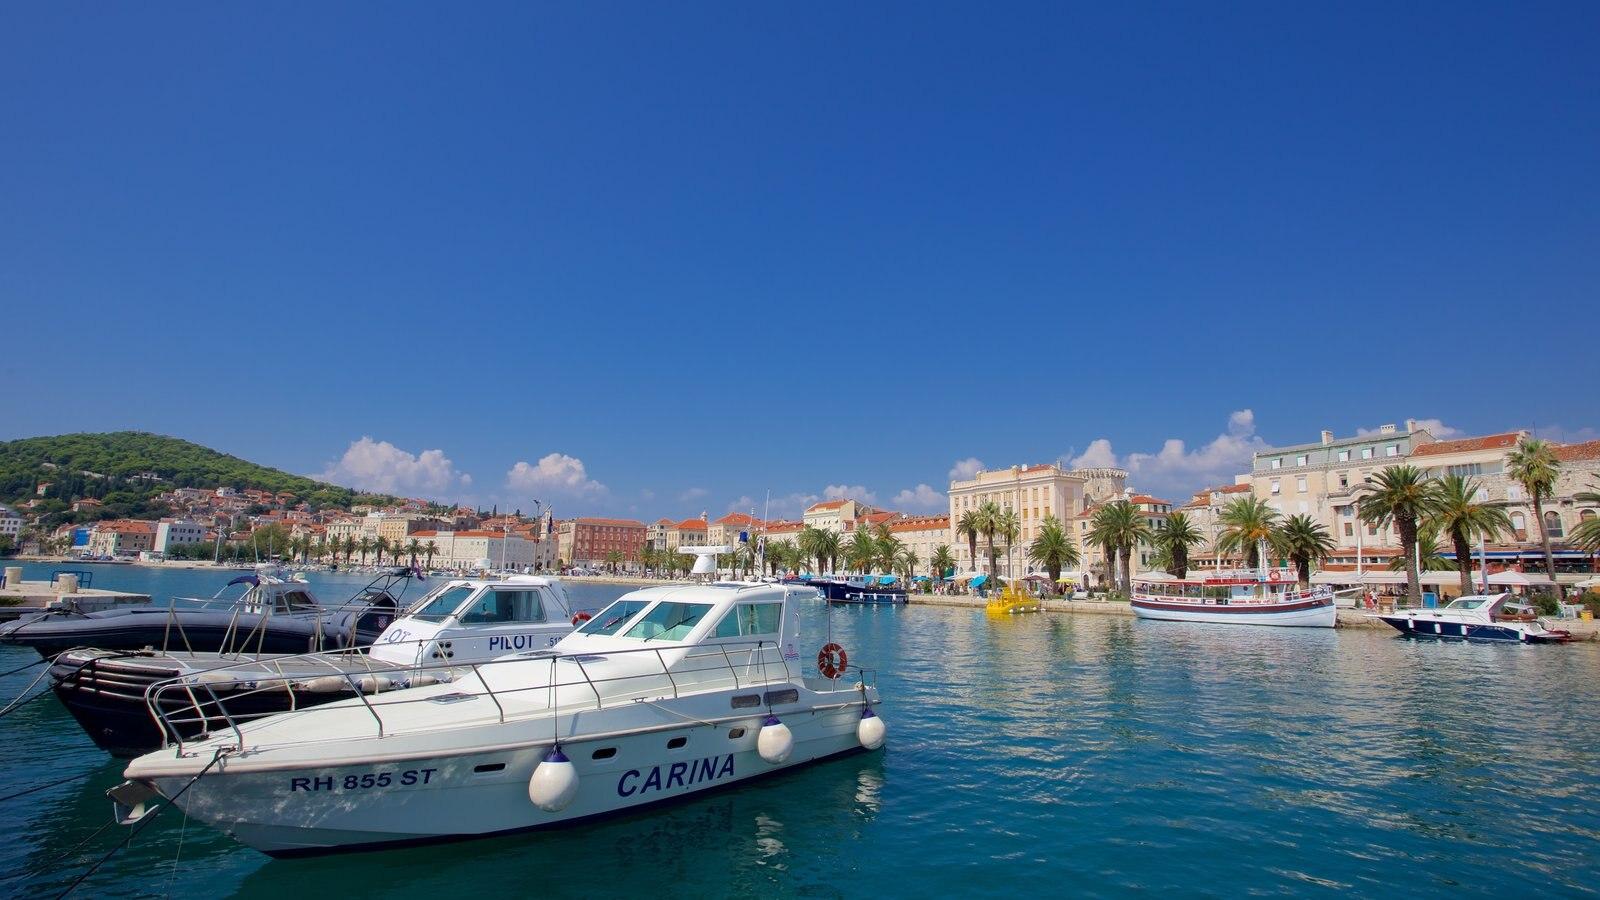 Paseo marítimo Split Riva que incluye una marina